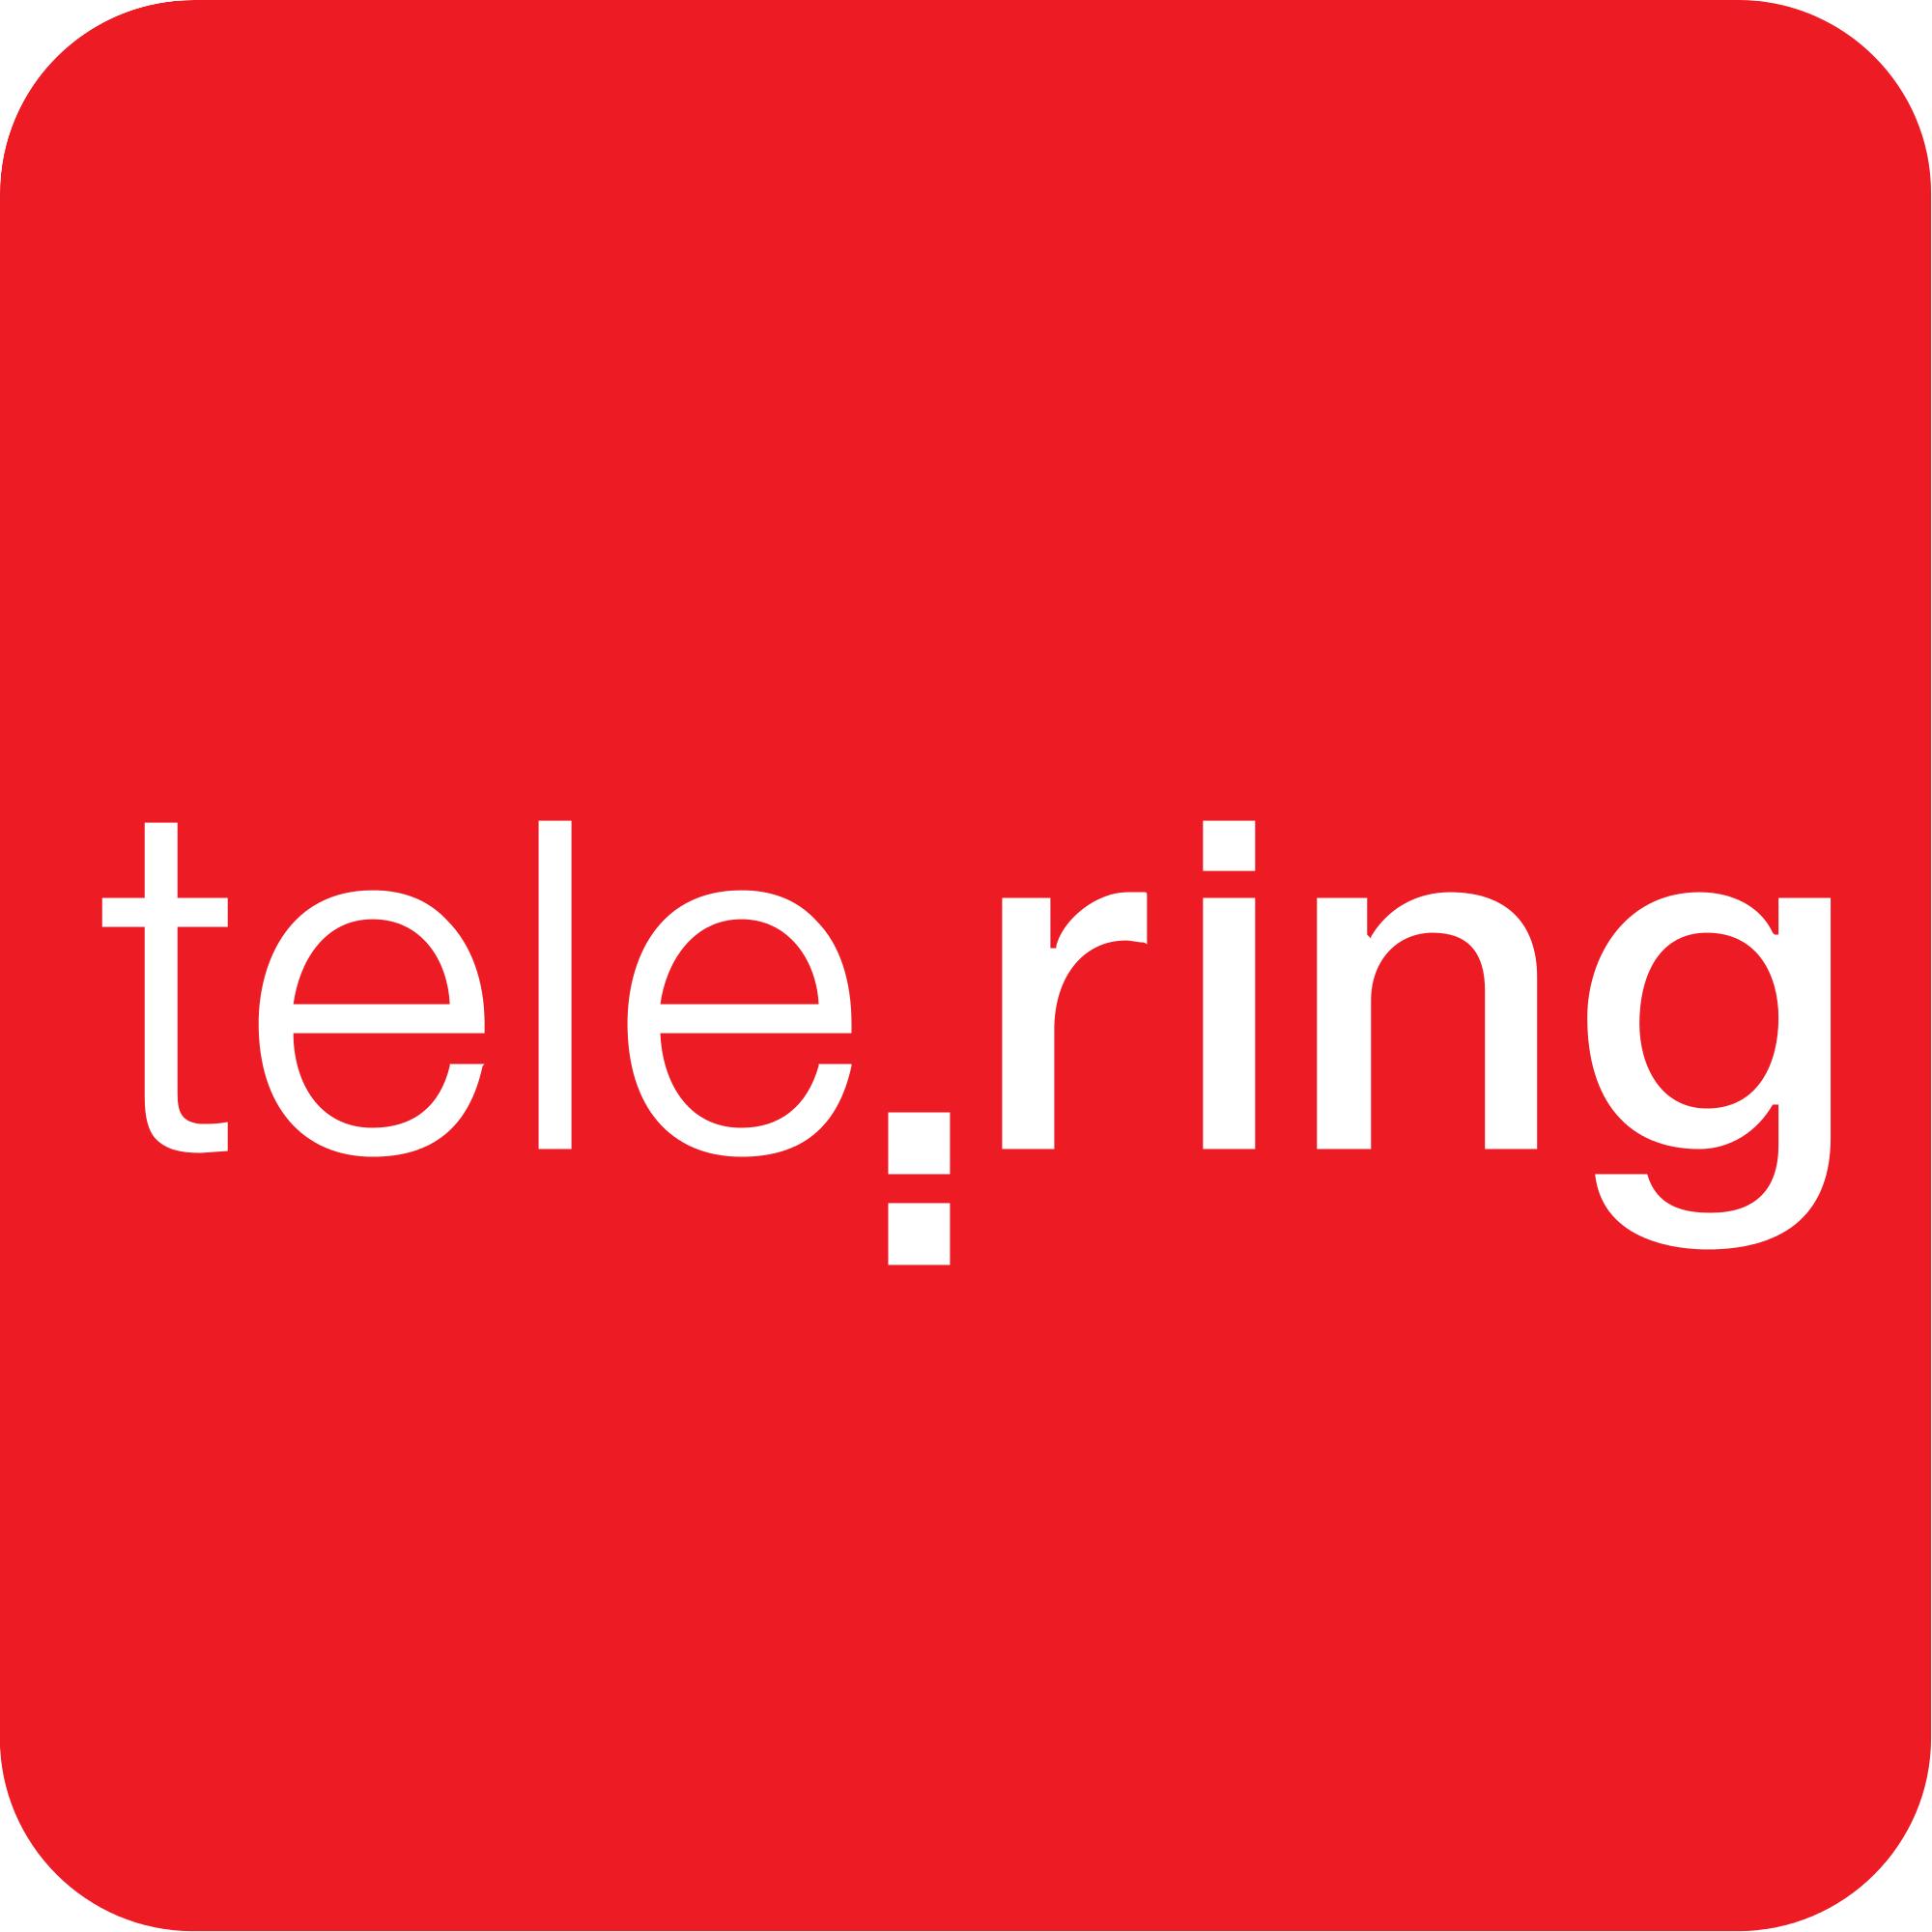 Tele.Ring - neue Handytarife (Vertrag und SIM-only)